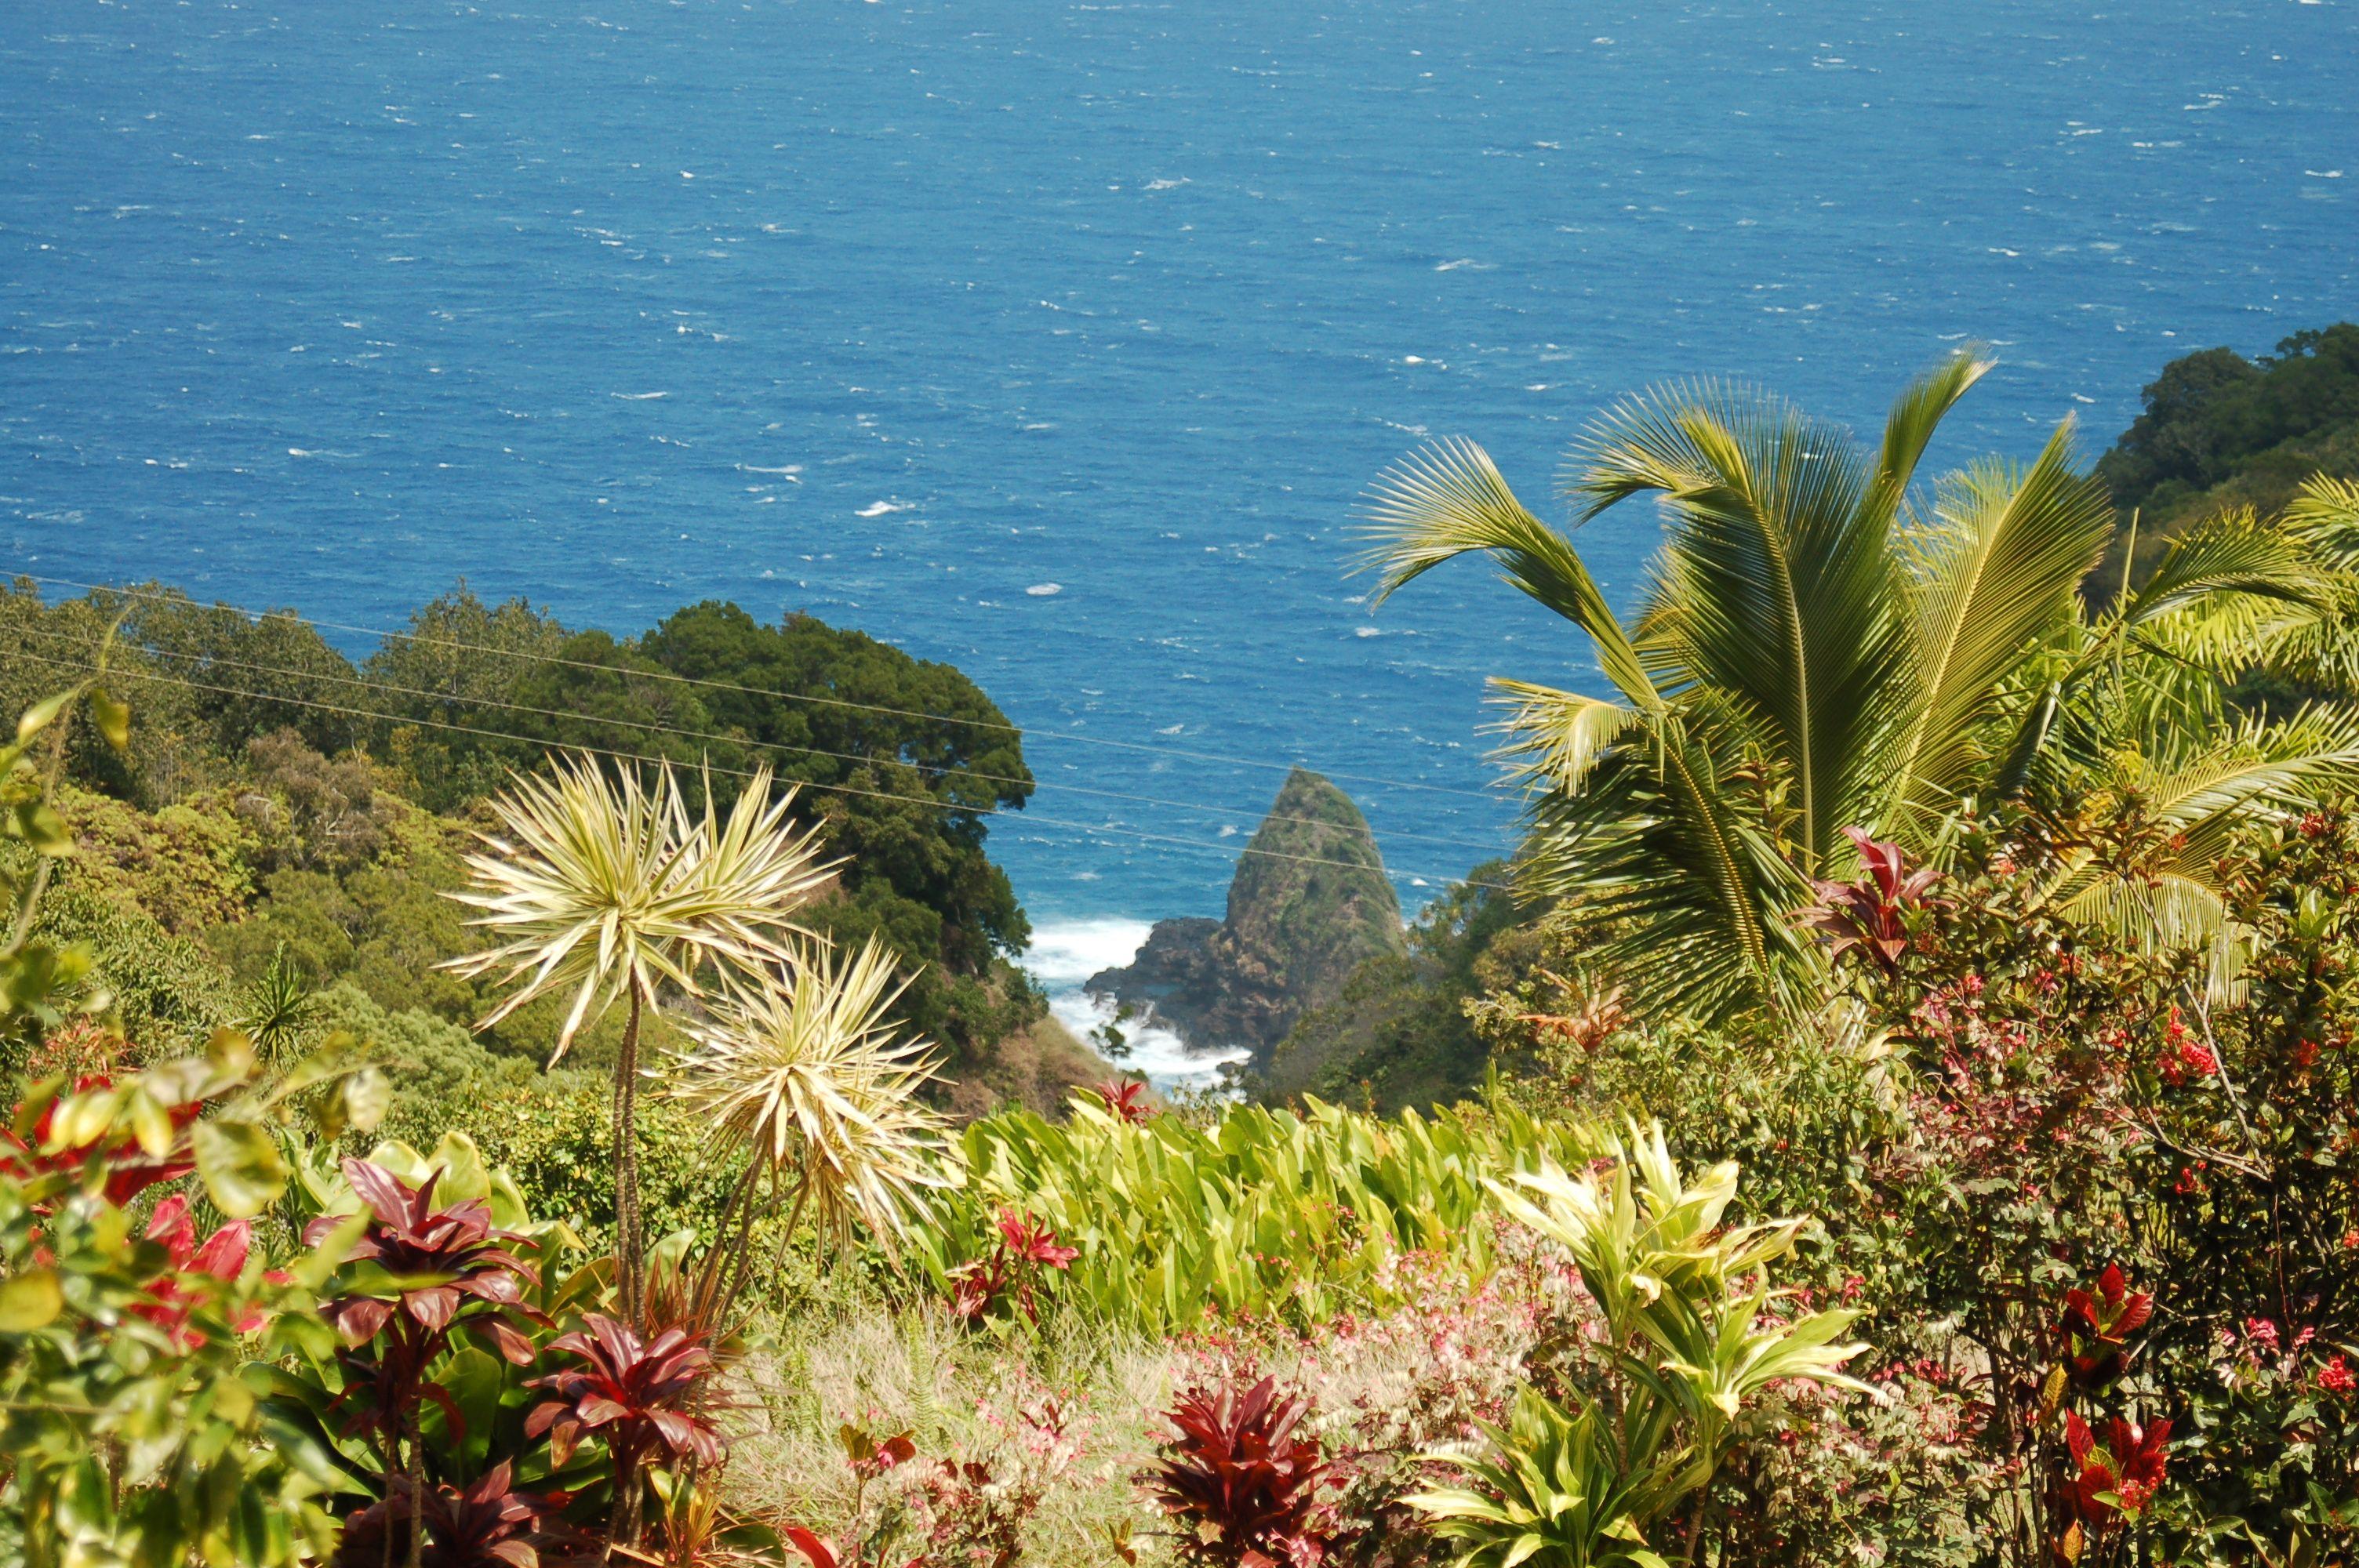 Maui Garden Of Eden Botanical Gardens Maui Site For The